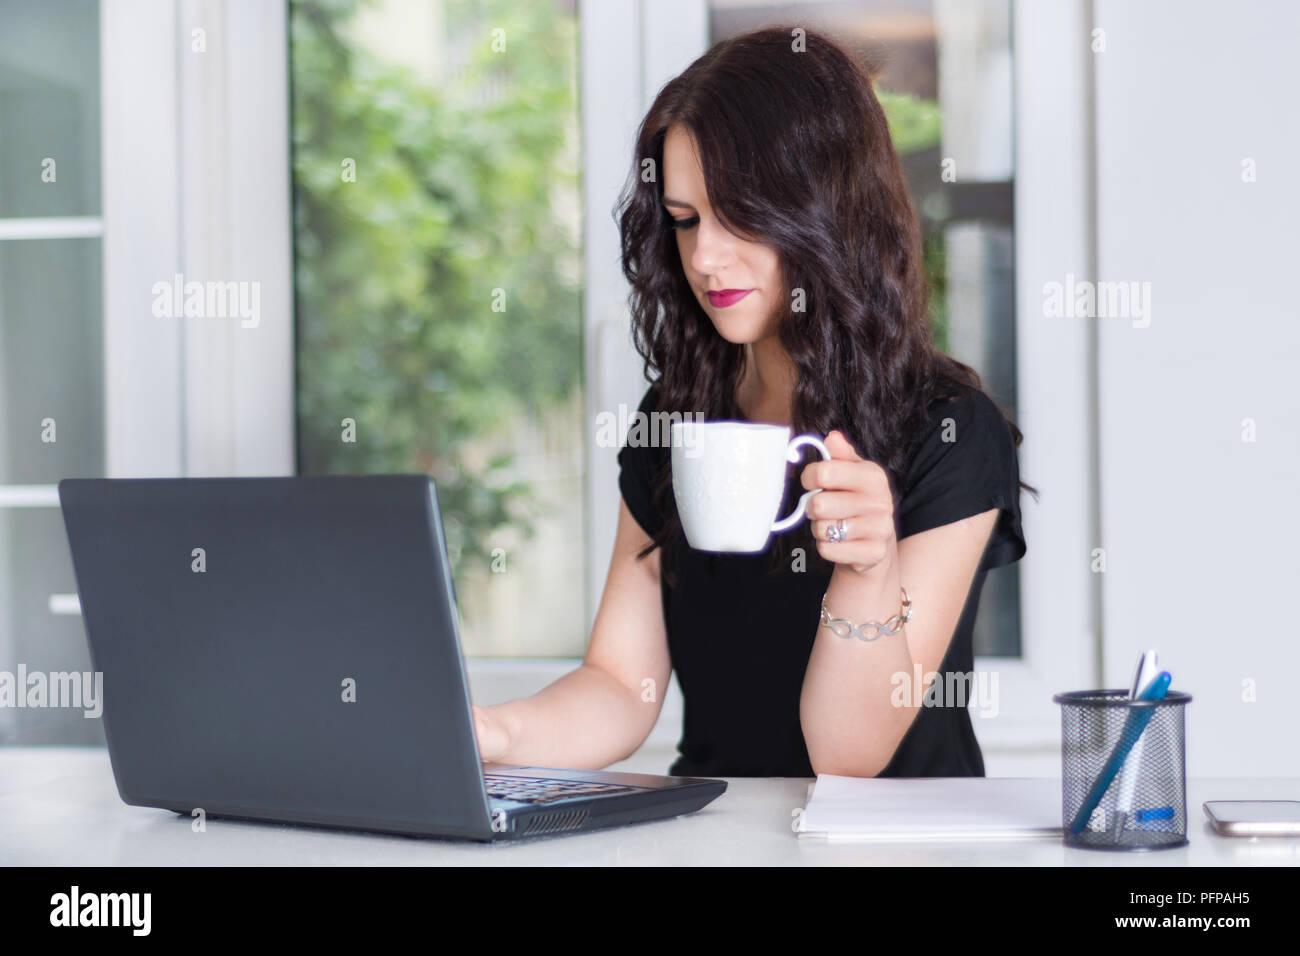 Кофе девушка работа практическая работа информационные модели